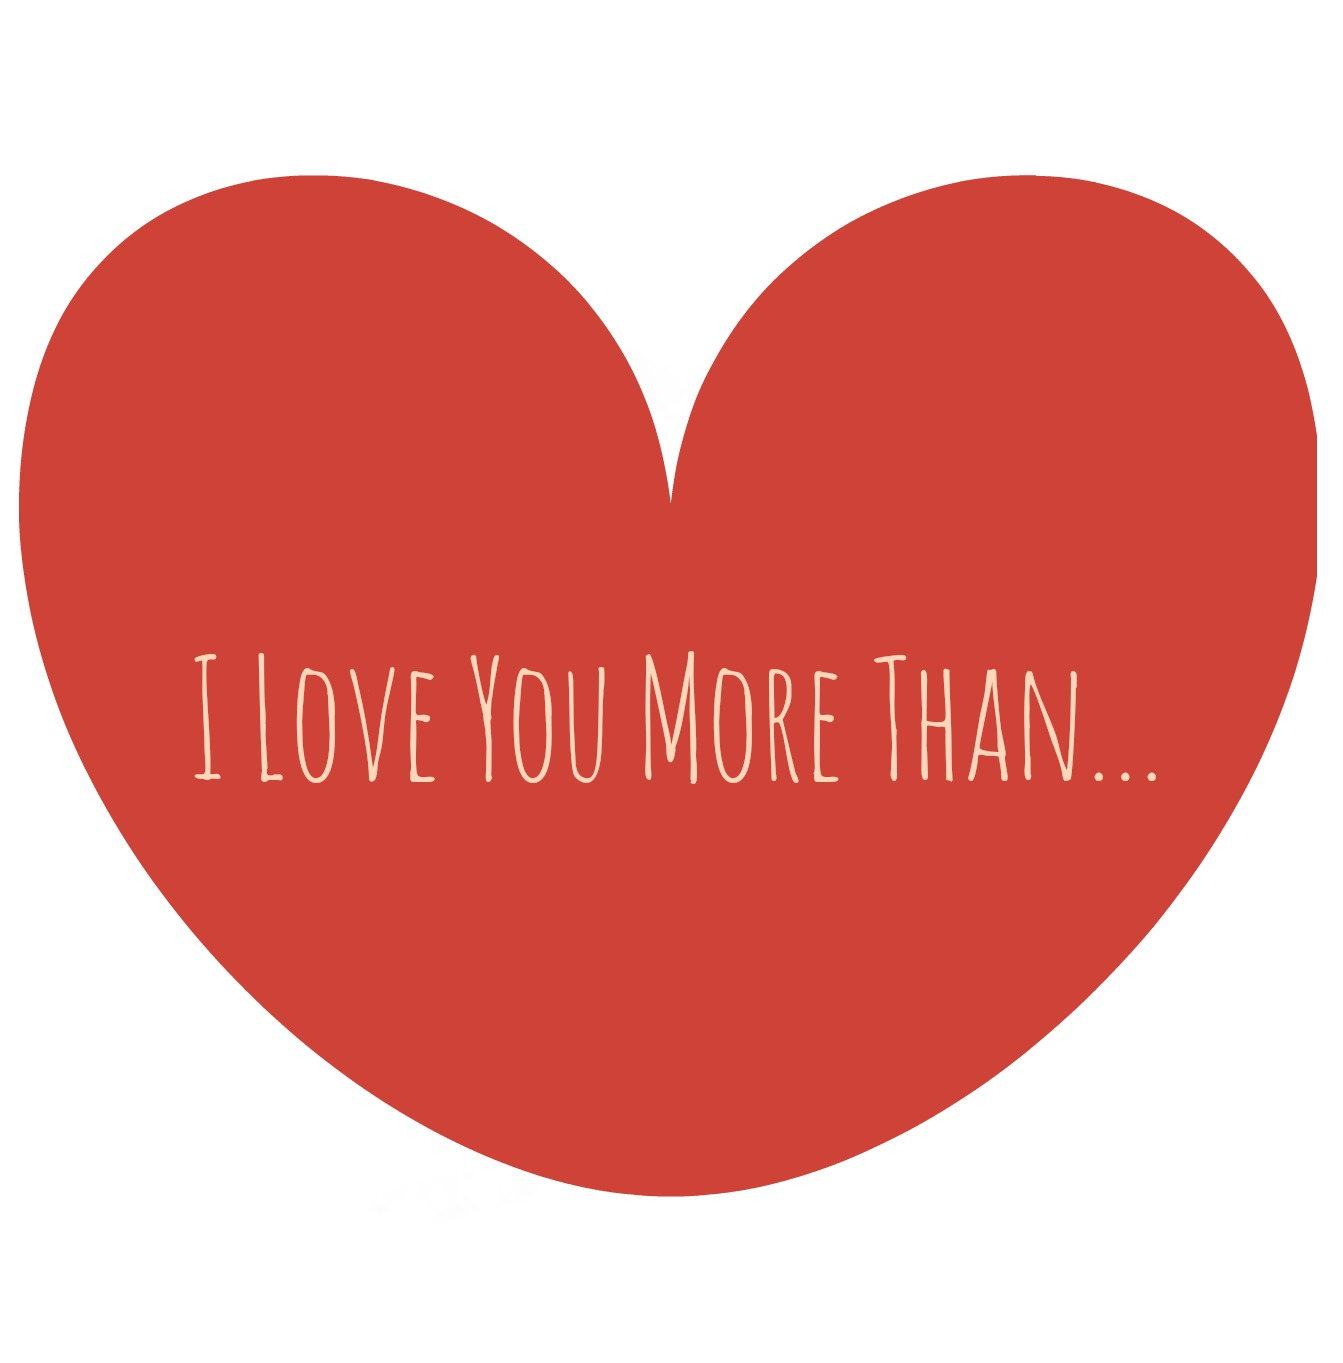 You знакомства ilove